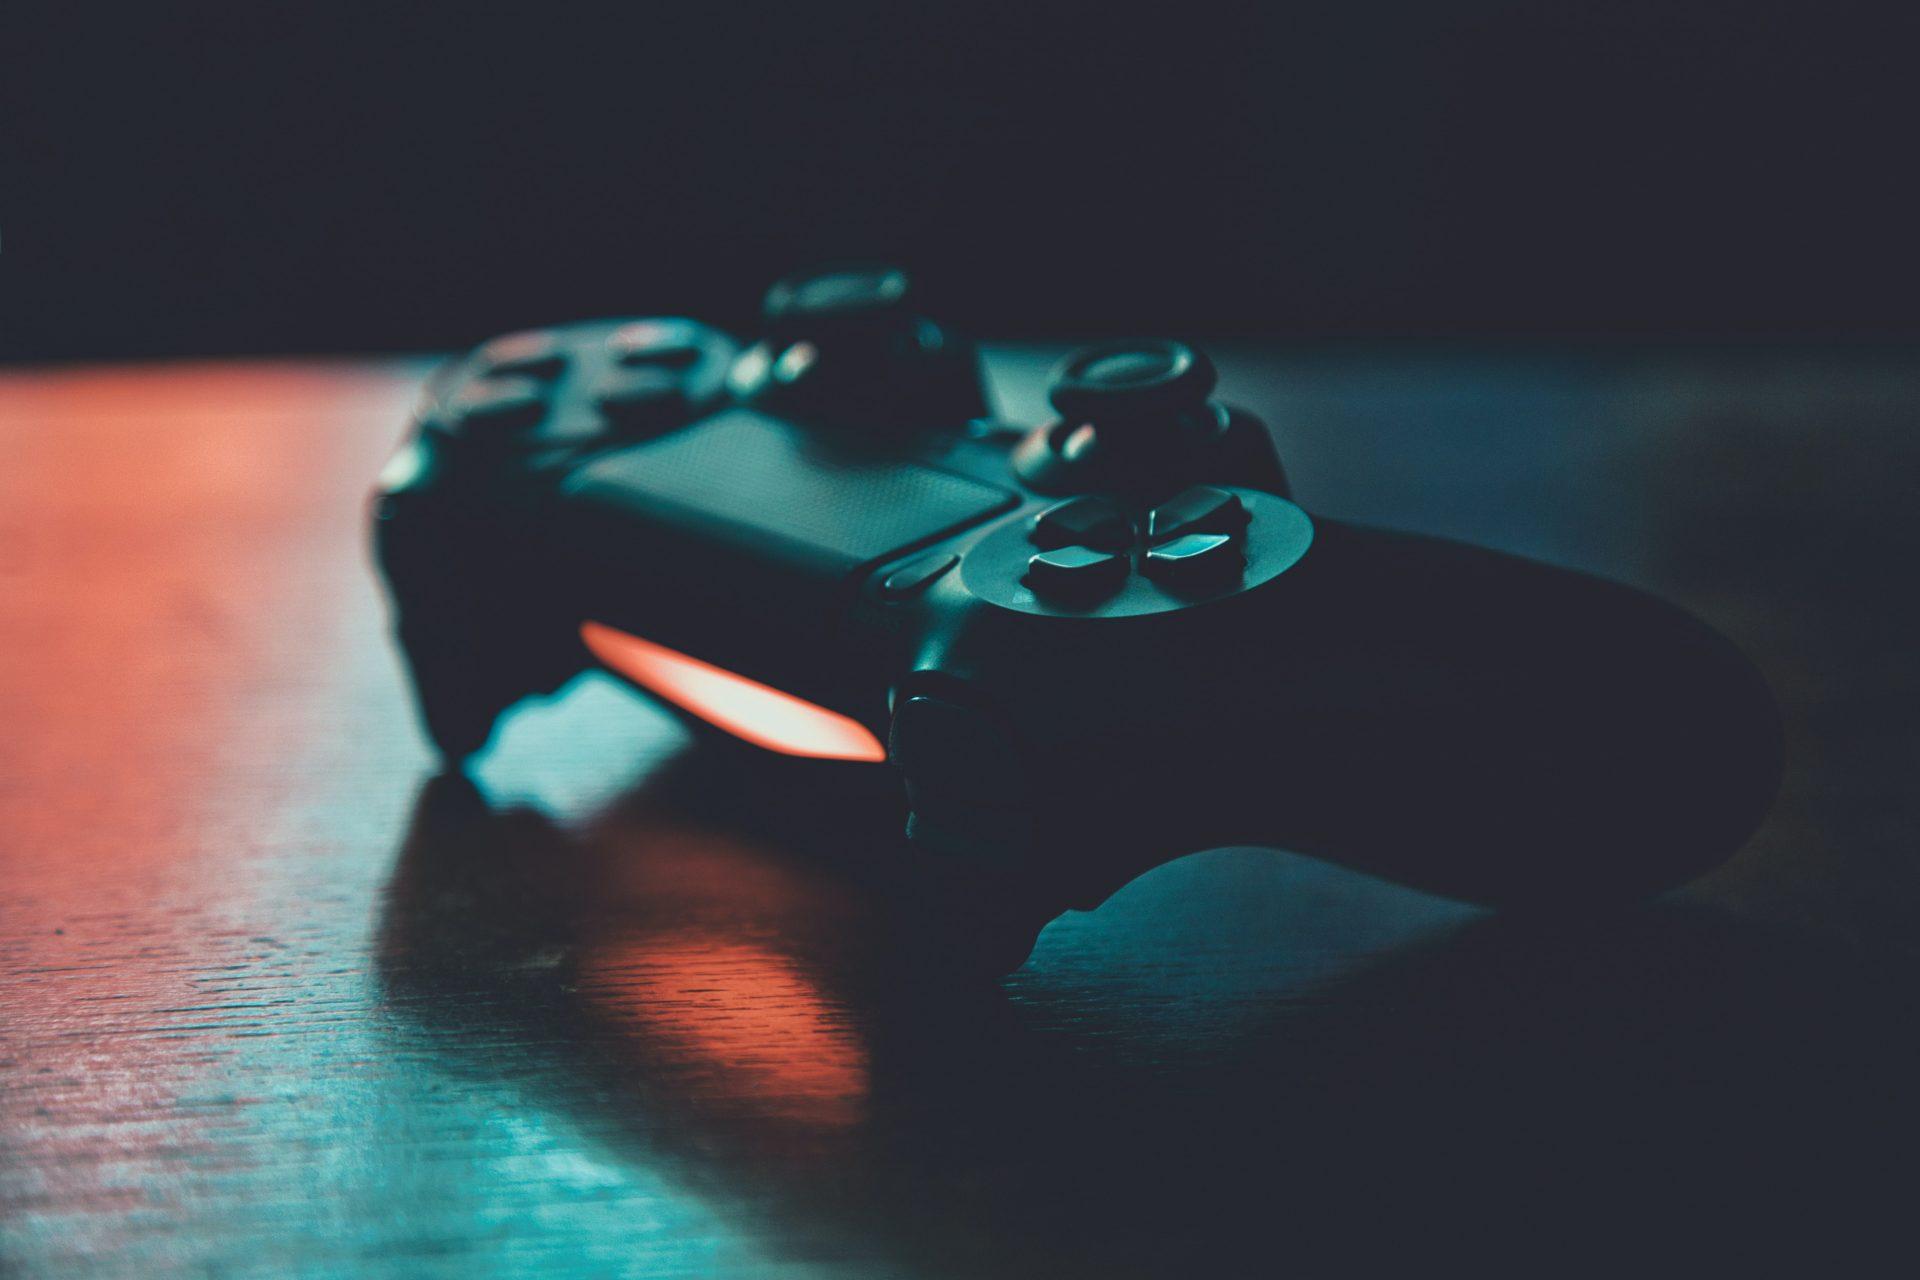 Fotografía de un mando de playstation 4 encendido, los videojuegos son parte de una estrategia de contenido diferencial